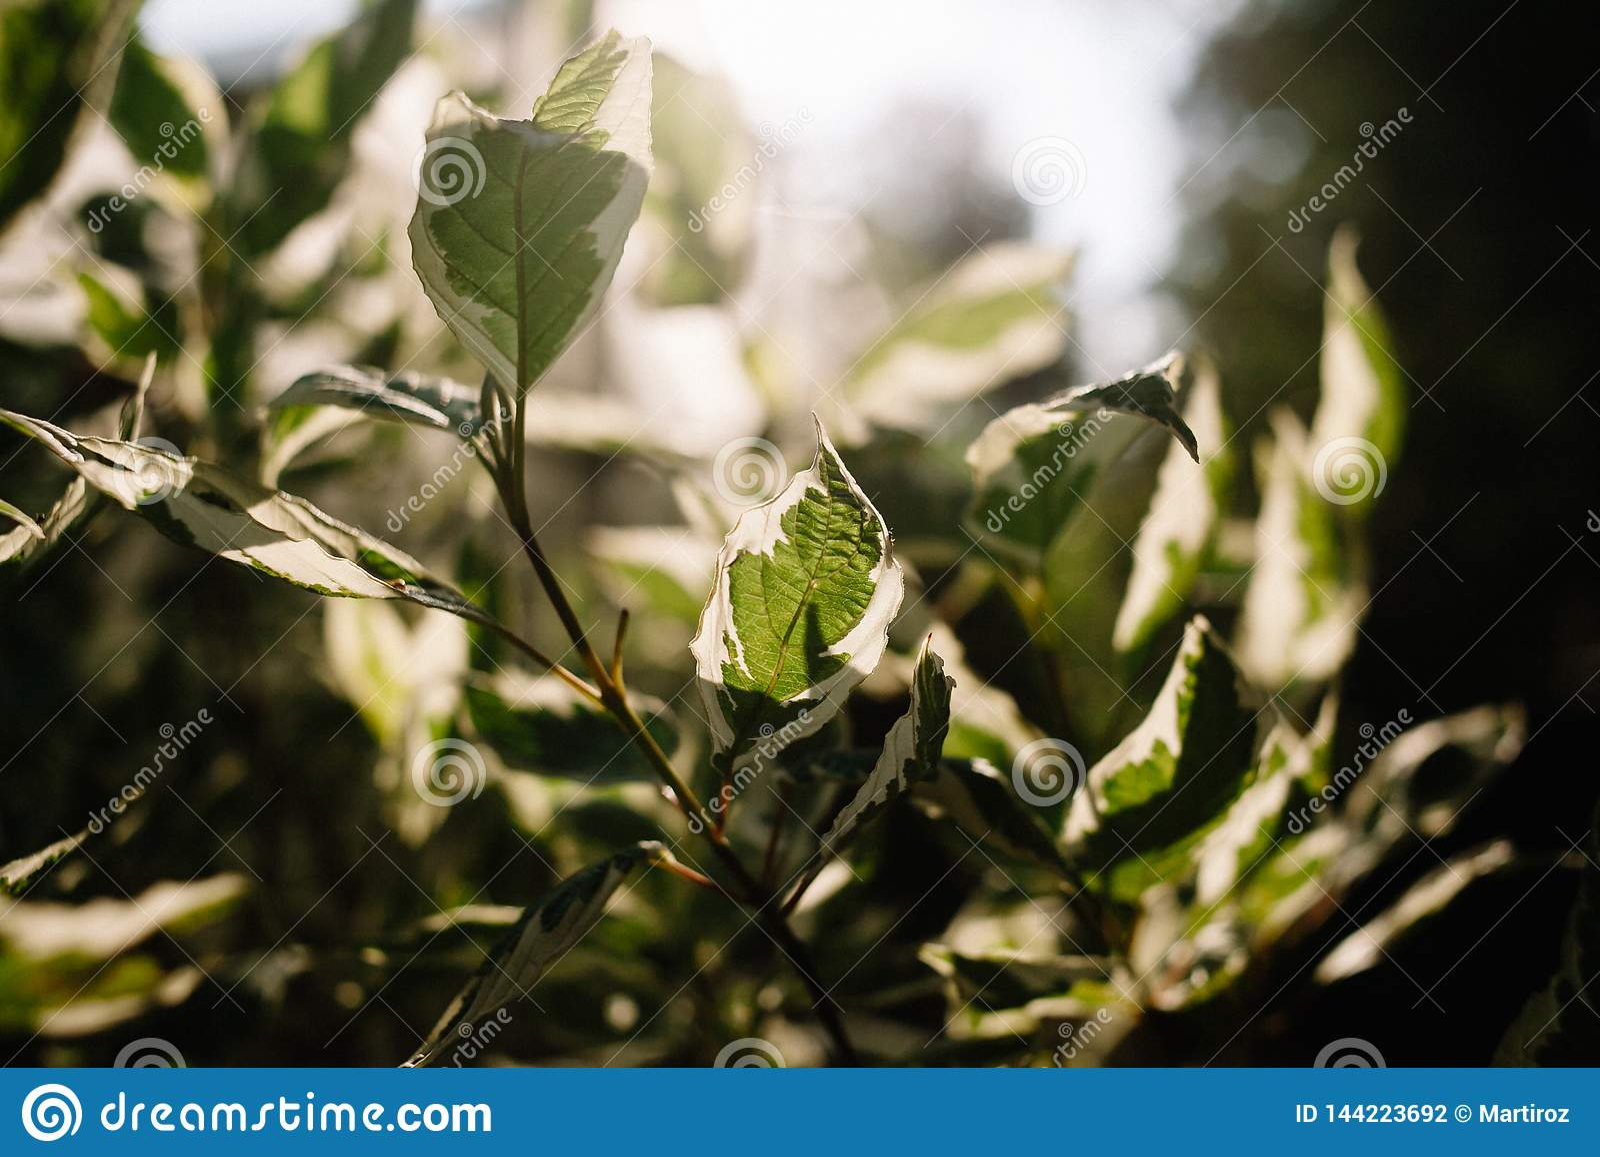 Pedilanthus met groene bladeren Ondiepe Diepte van Gebied Bladeren in backlit zonlicht